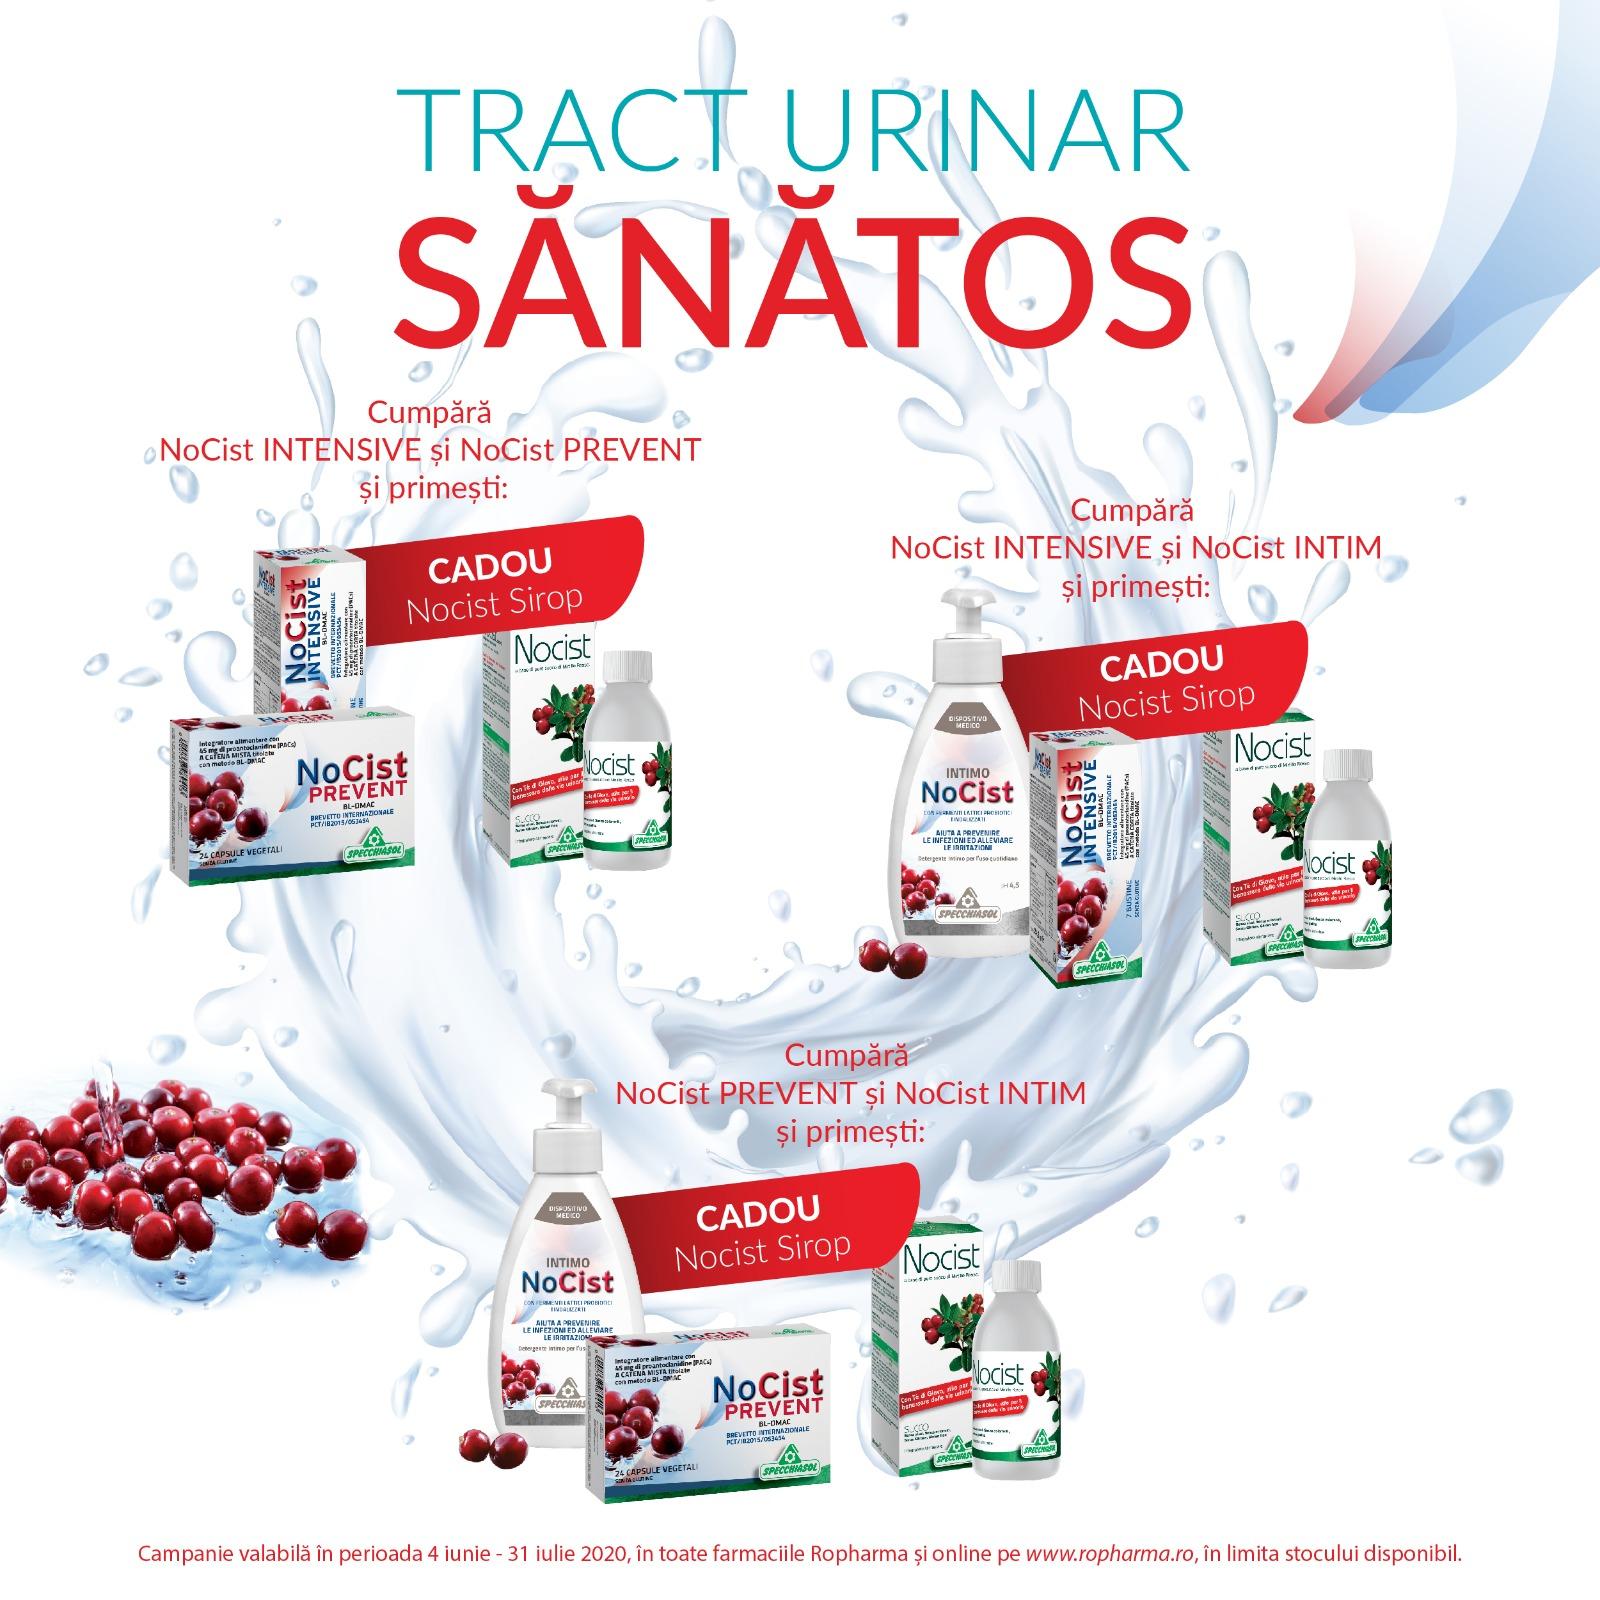 Gama Nocist – Tract urinar sănătos!